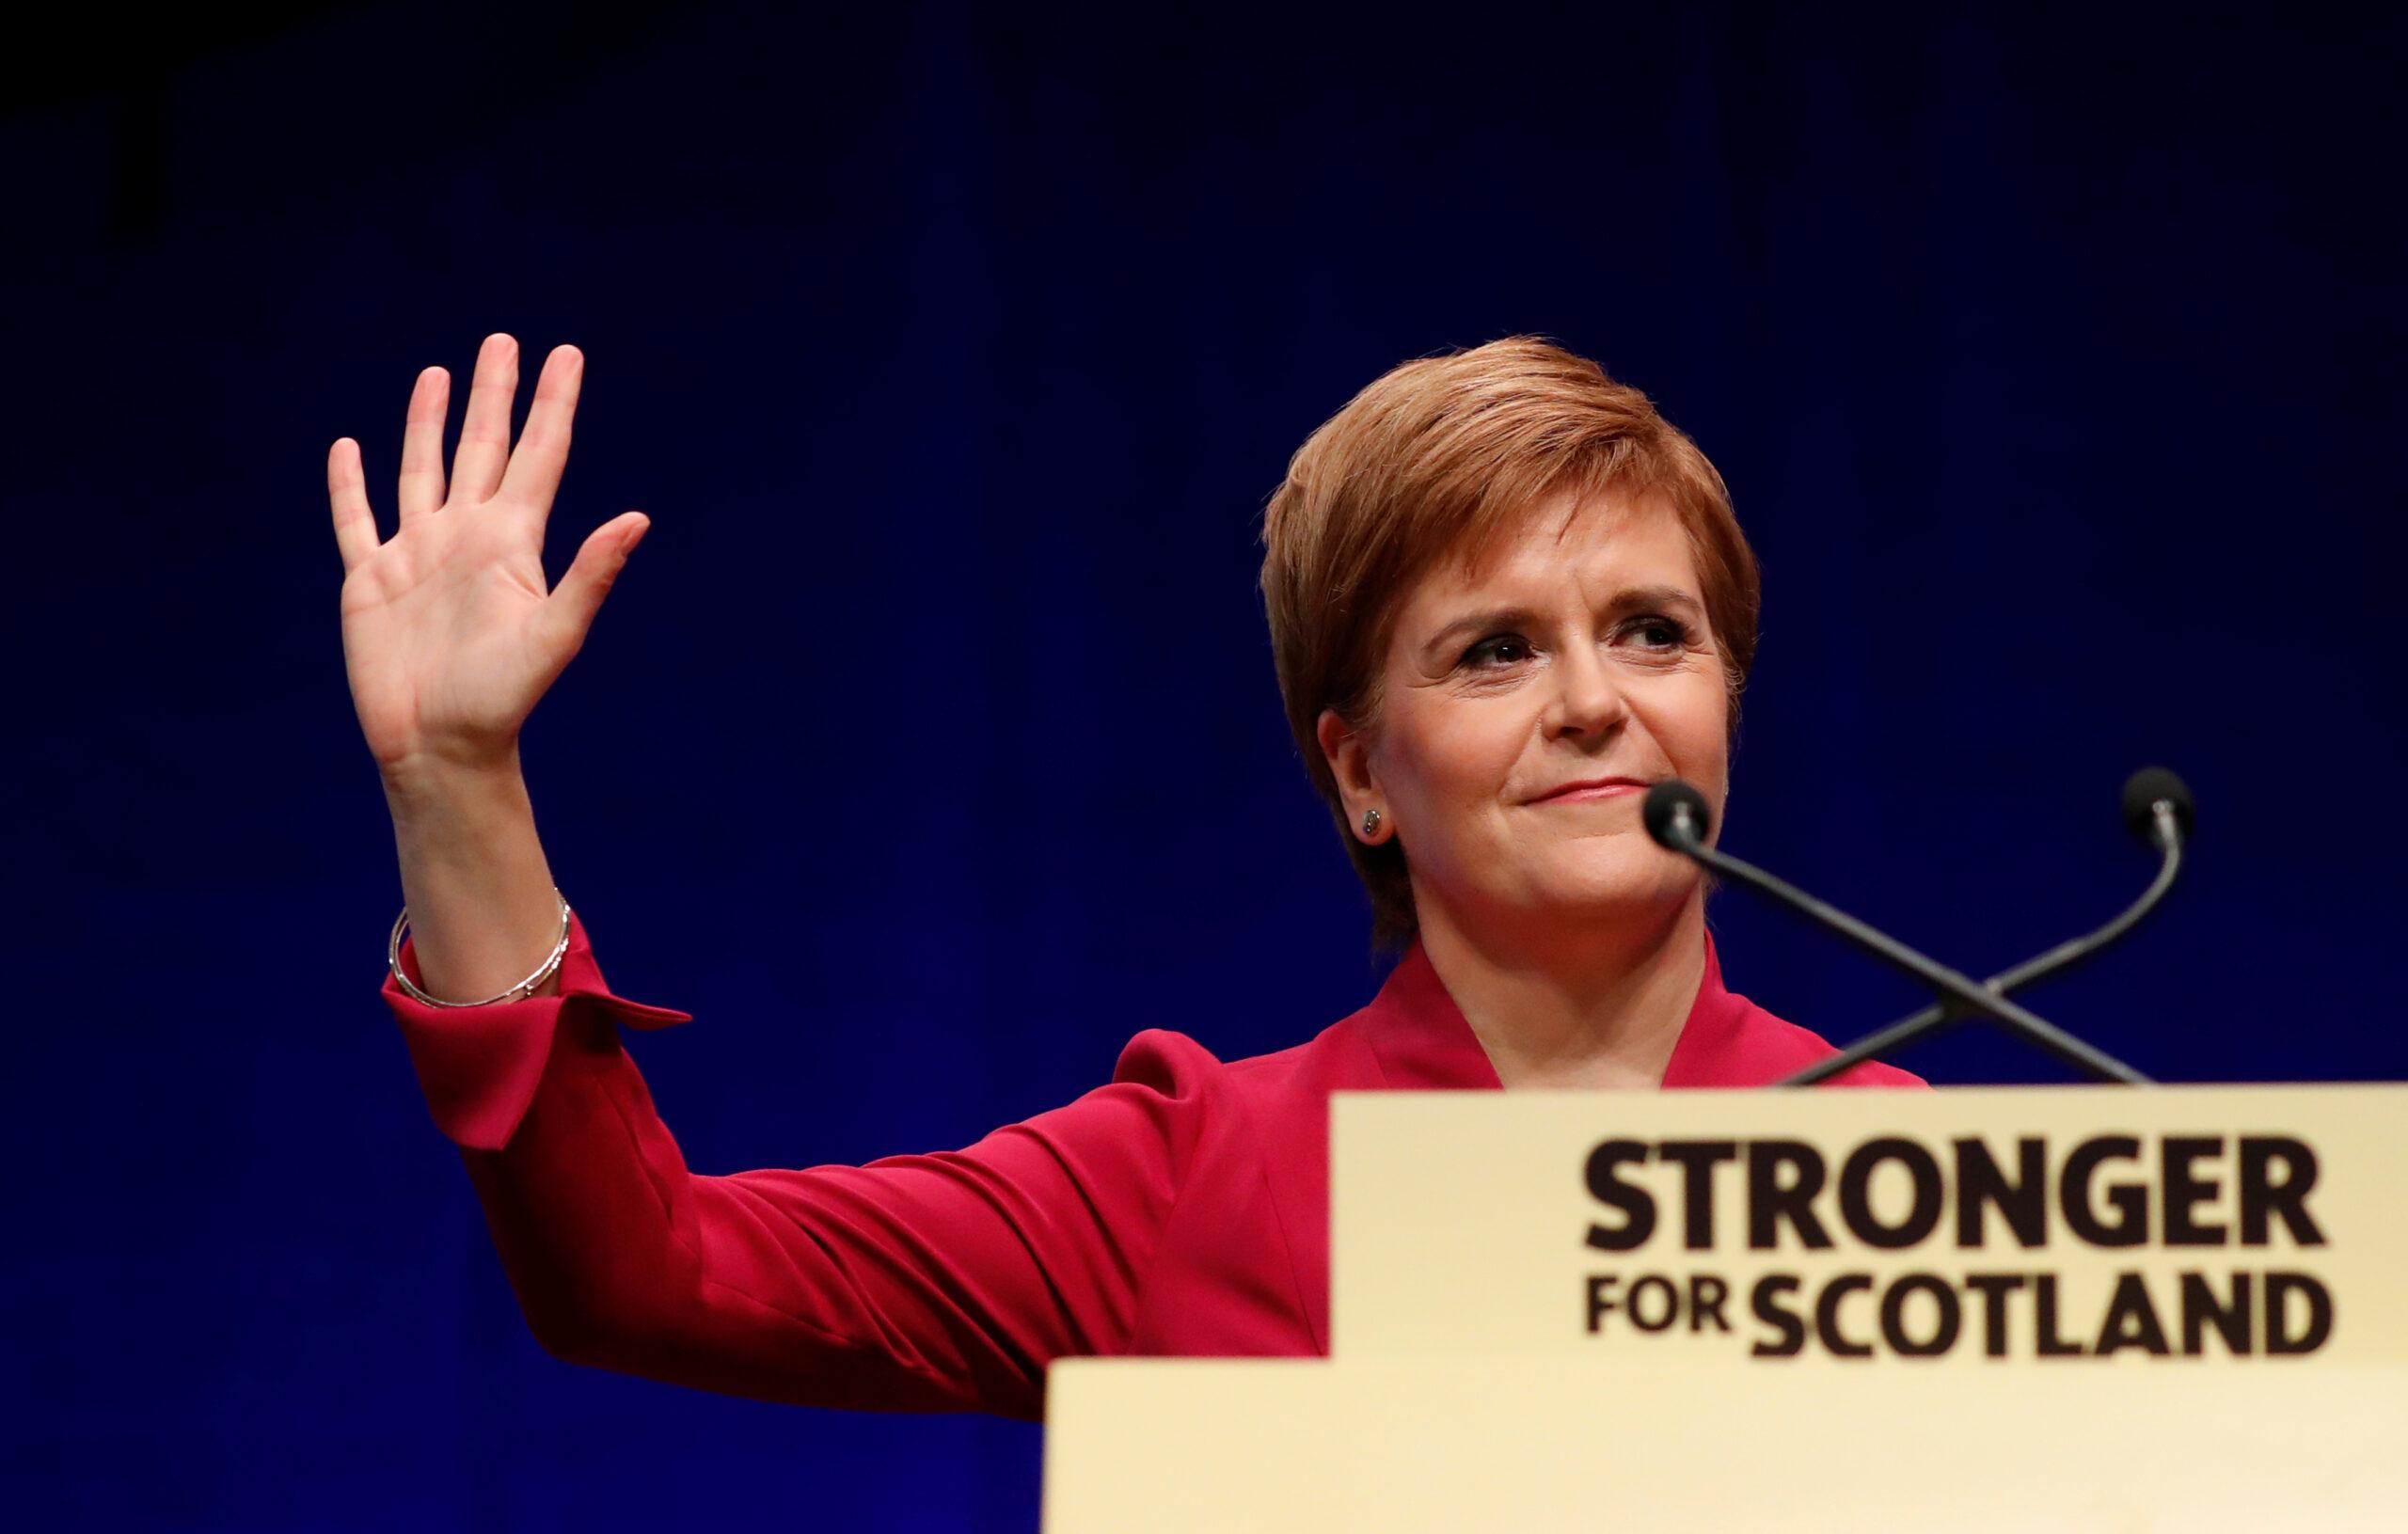 La primera ministra d'Escòcia, Nicola Sturgeon, durant la seva intervenció a la conferència de tardor de l'SNP a Aberdeen, Escòcia   ACN